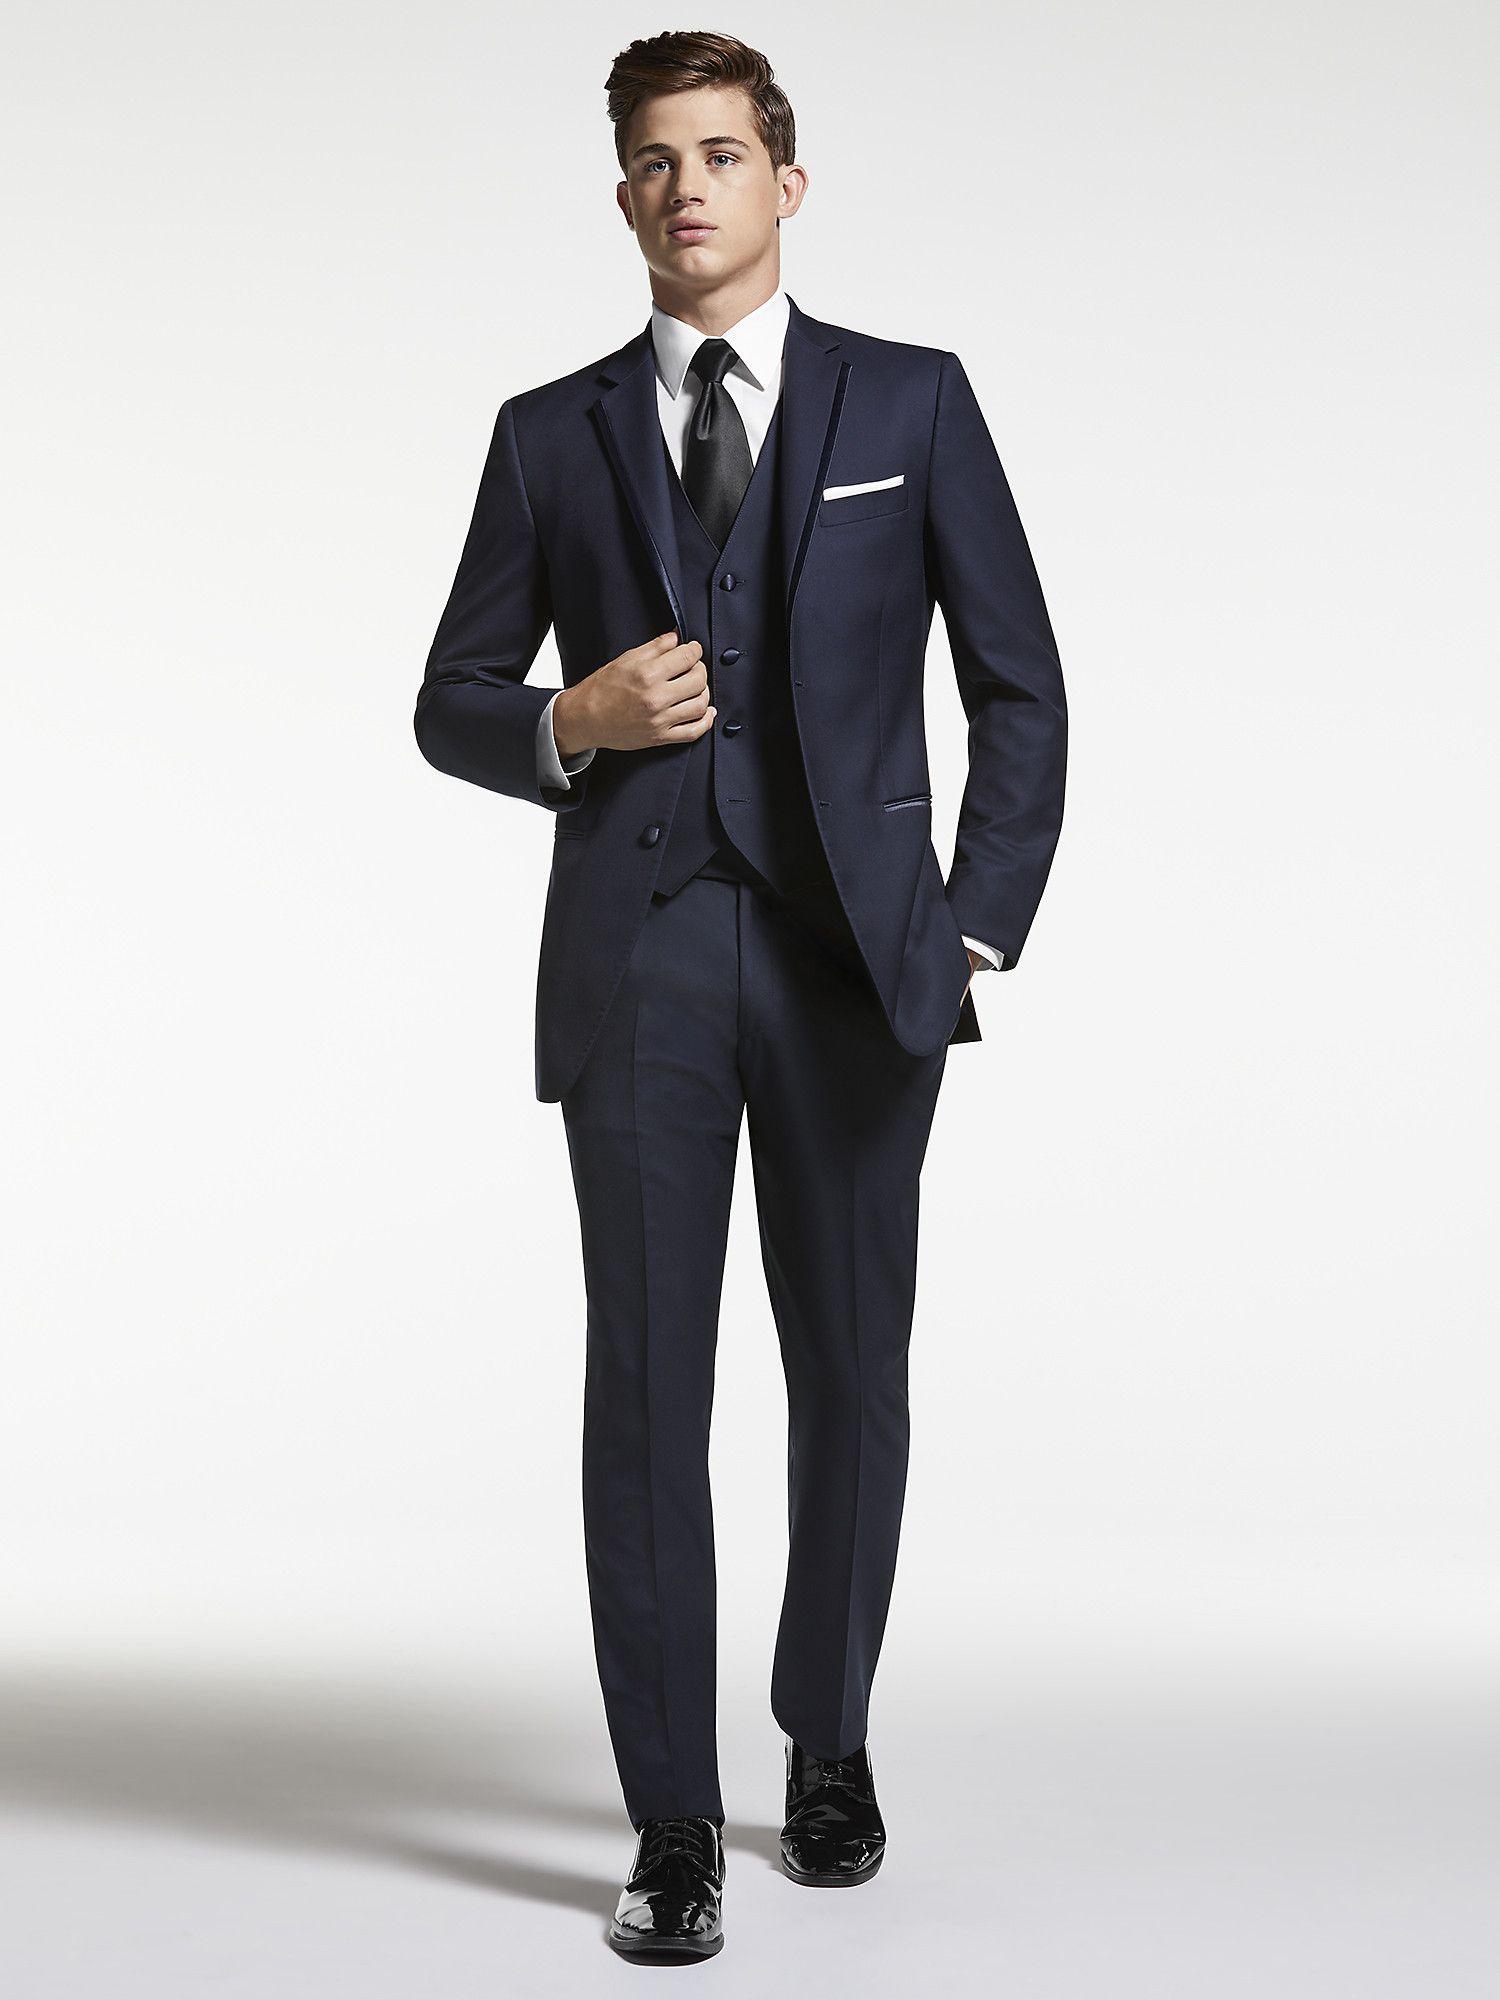 Navy Blue Tuxedo by Joseph Abboud | Tuxedo Rental | Men\'s Wearhouse ...